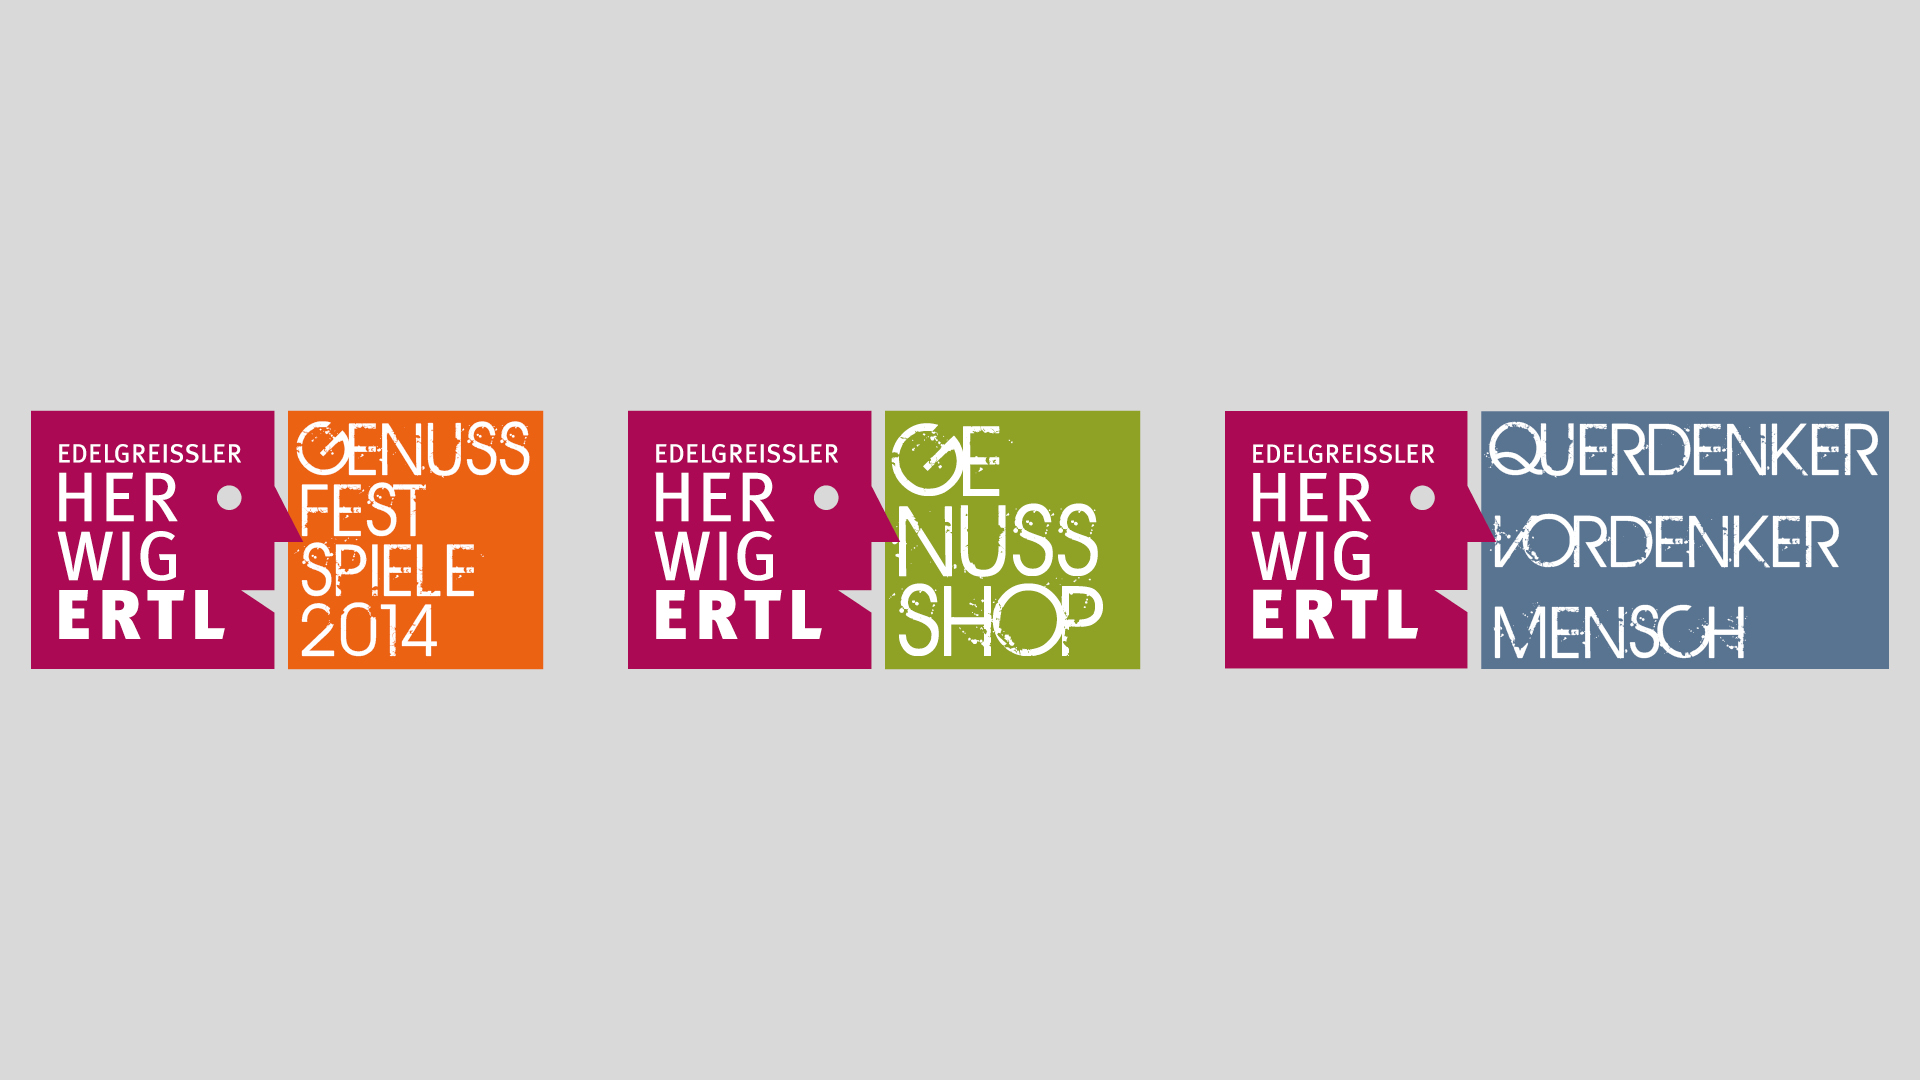 Logoentwicklung für Edelgreissler Herwig Ertl